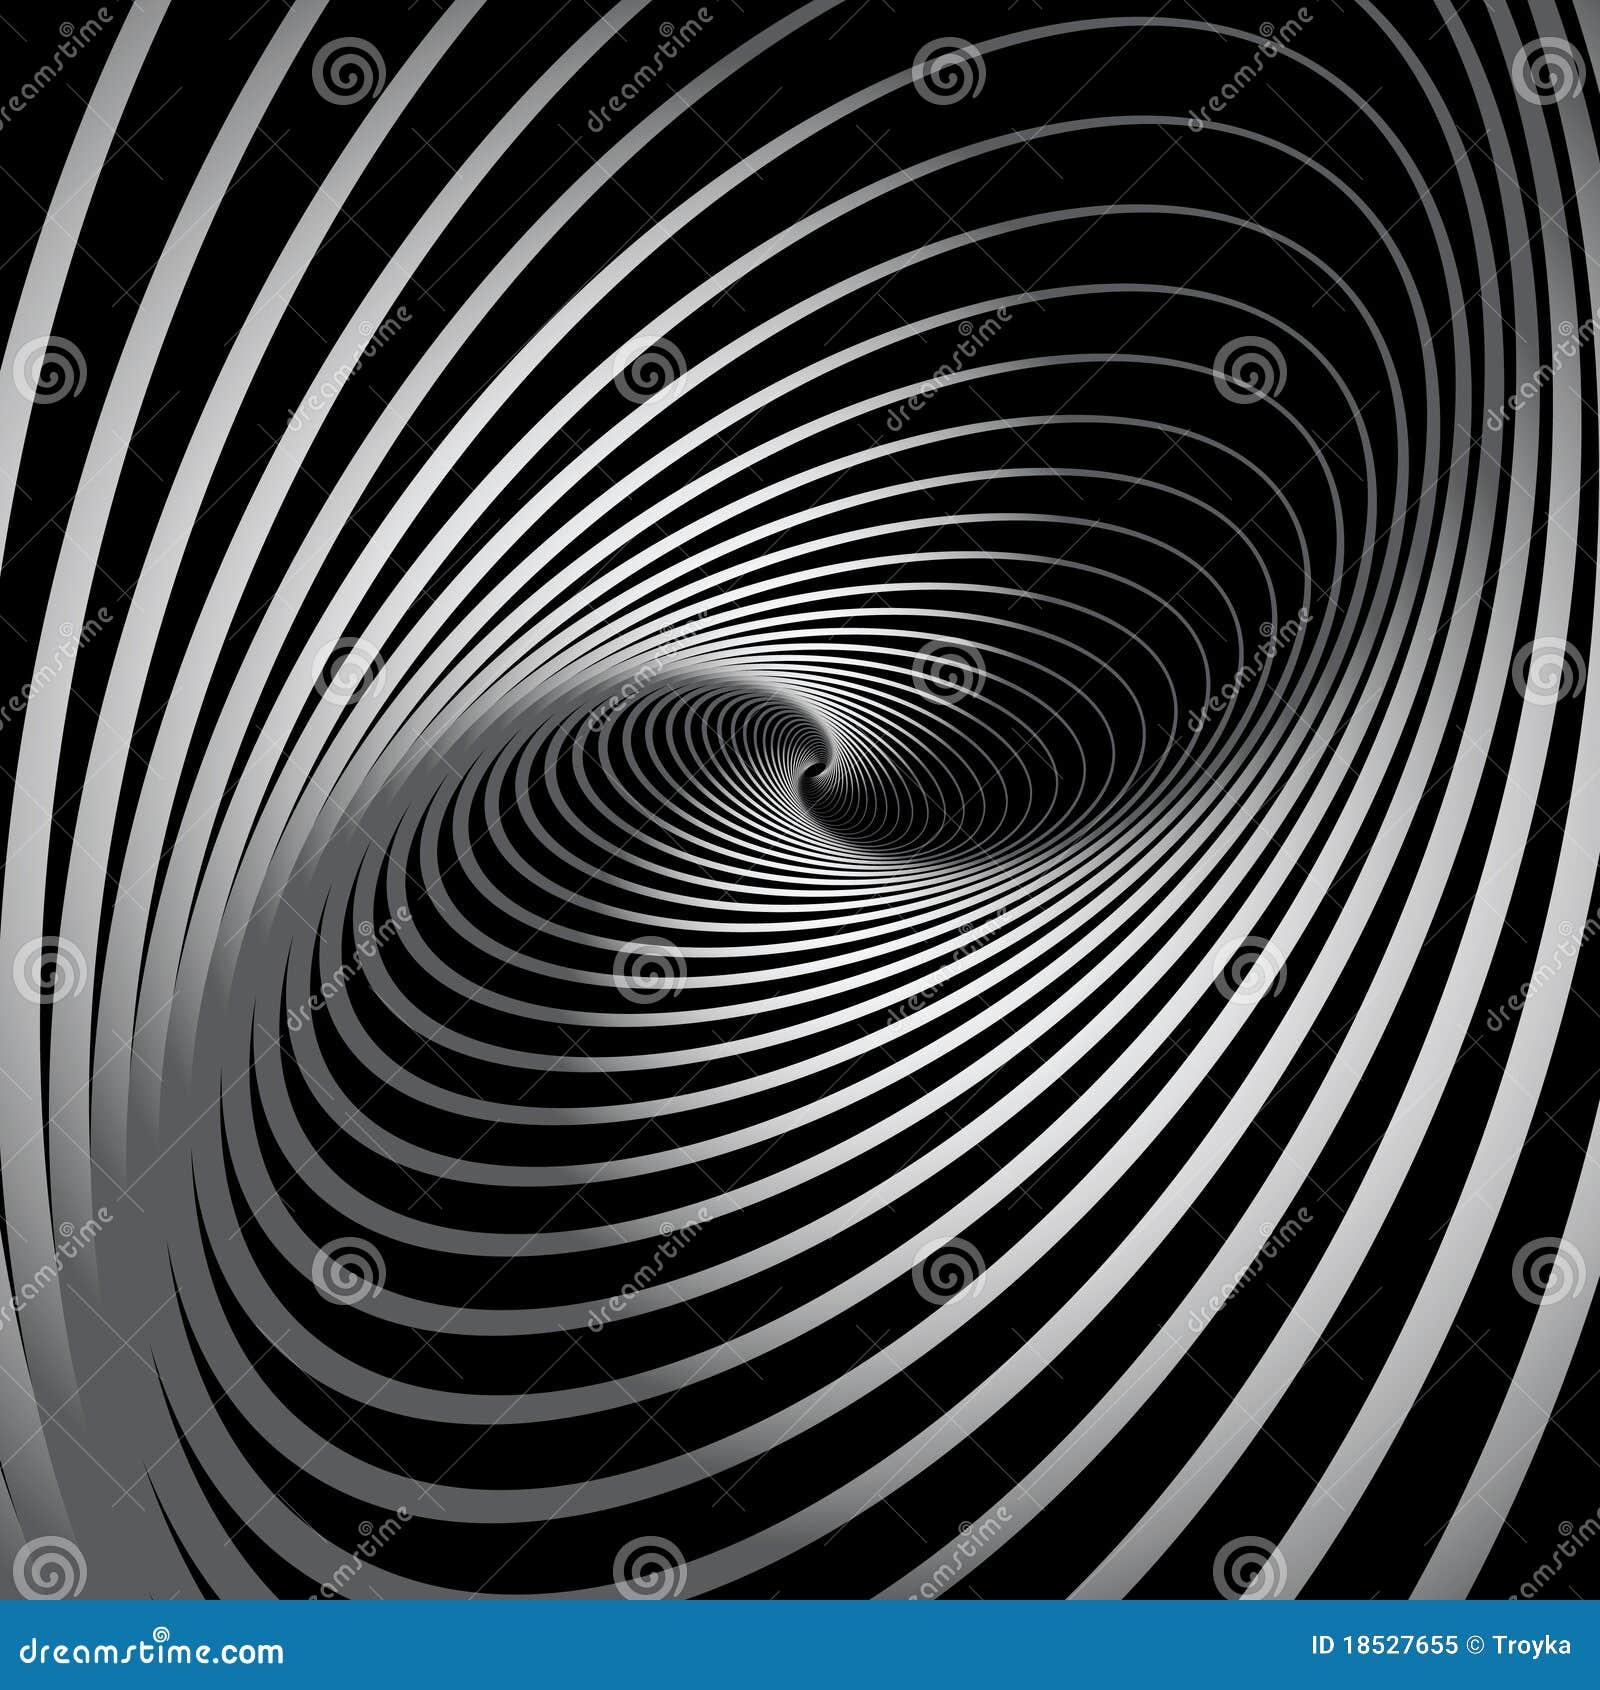 Fundo abstrato com movimento espiral do giro.